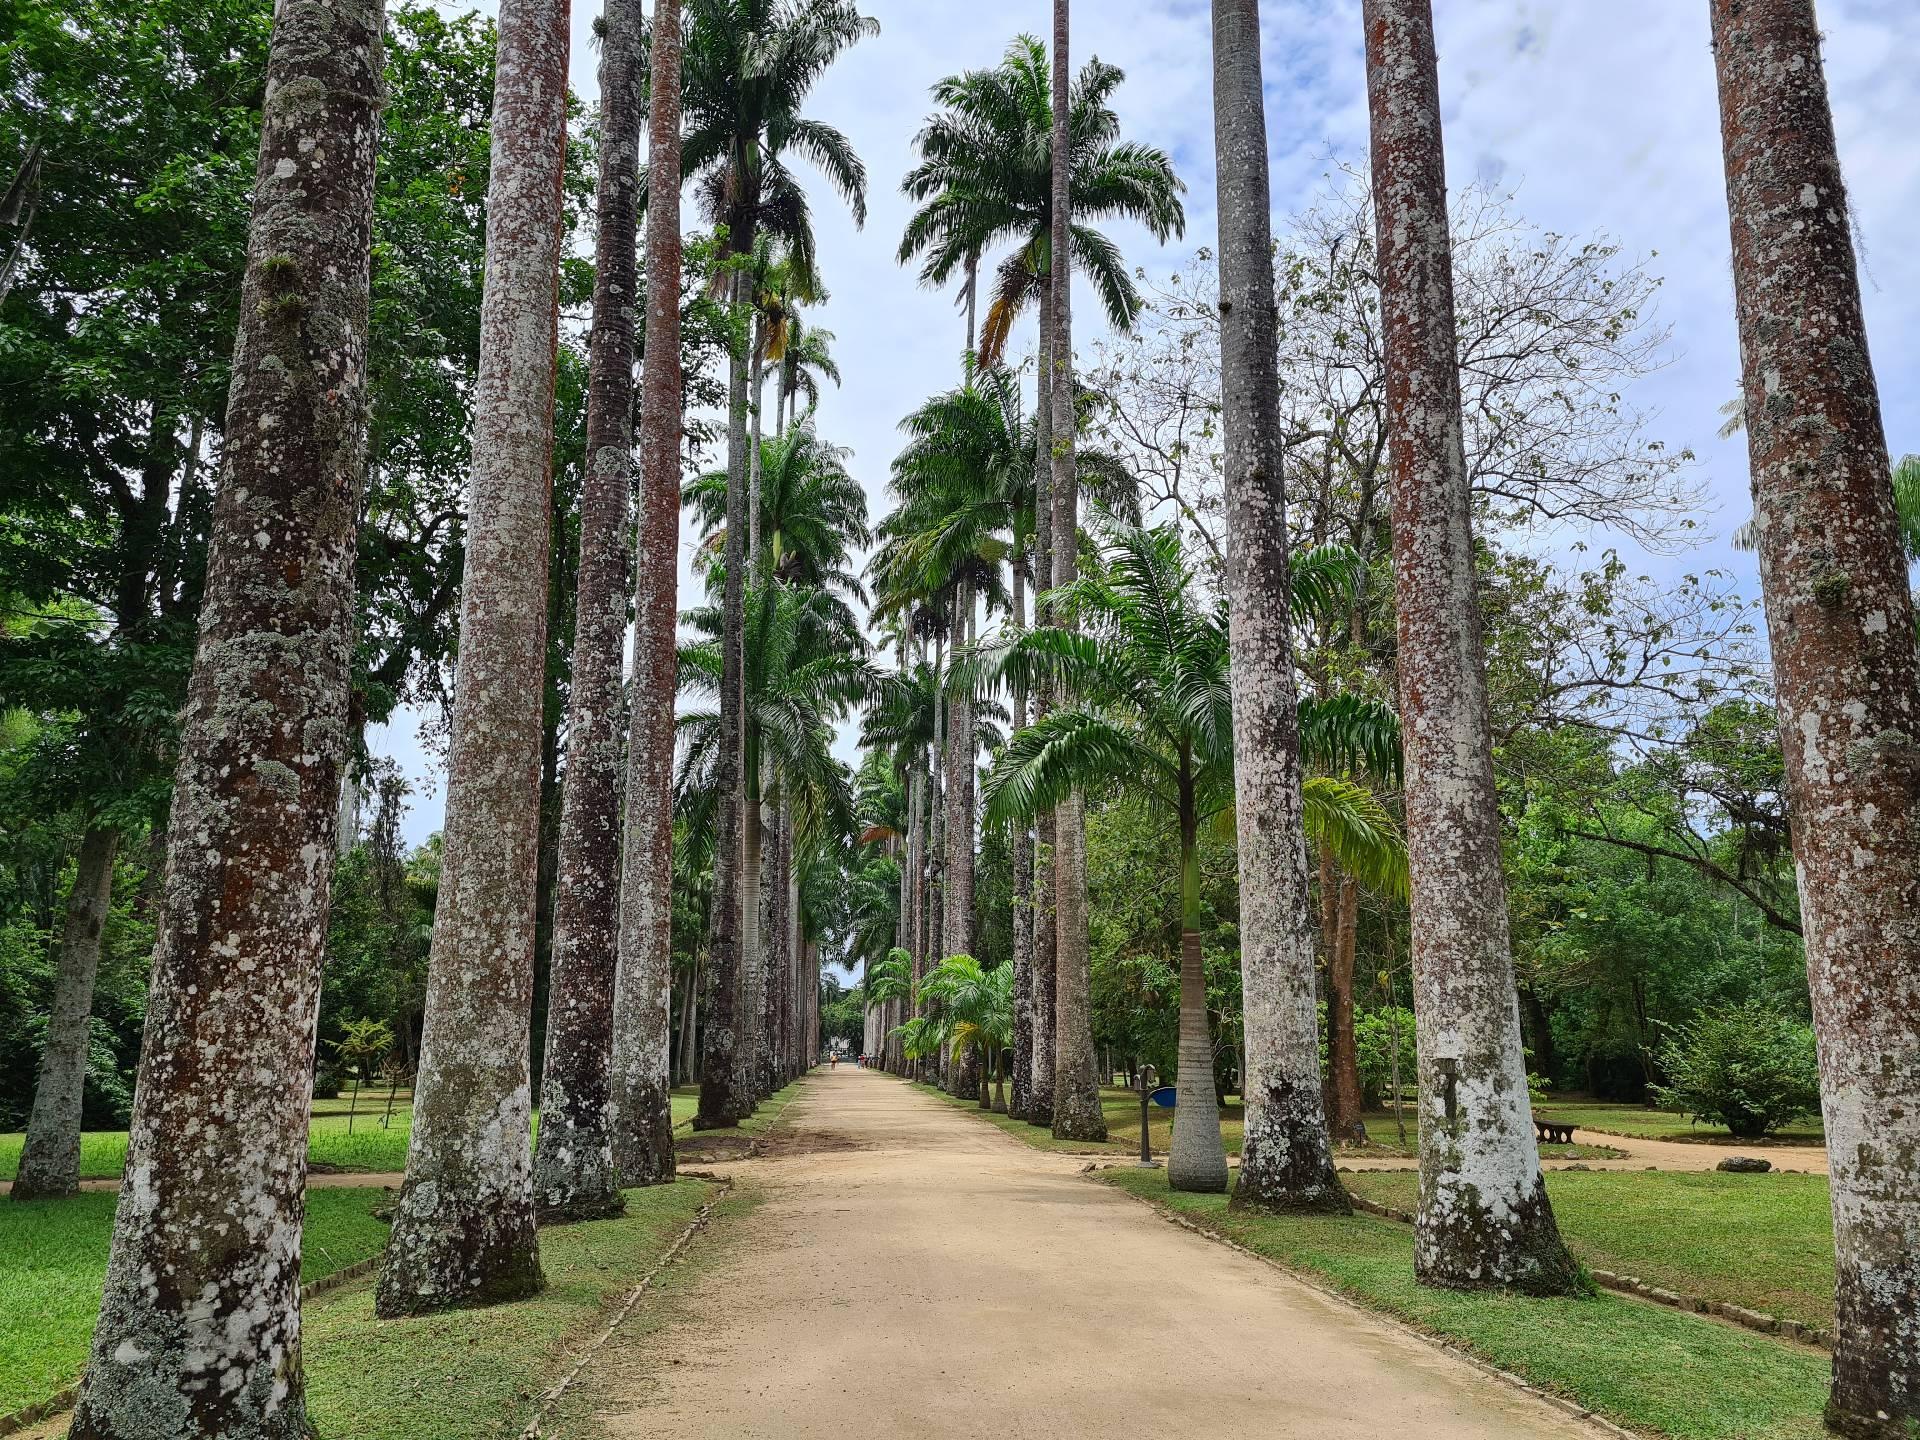 аллея с пальмами в ботаническом саду Рио